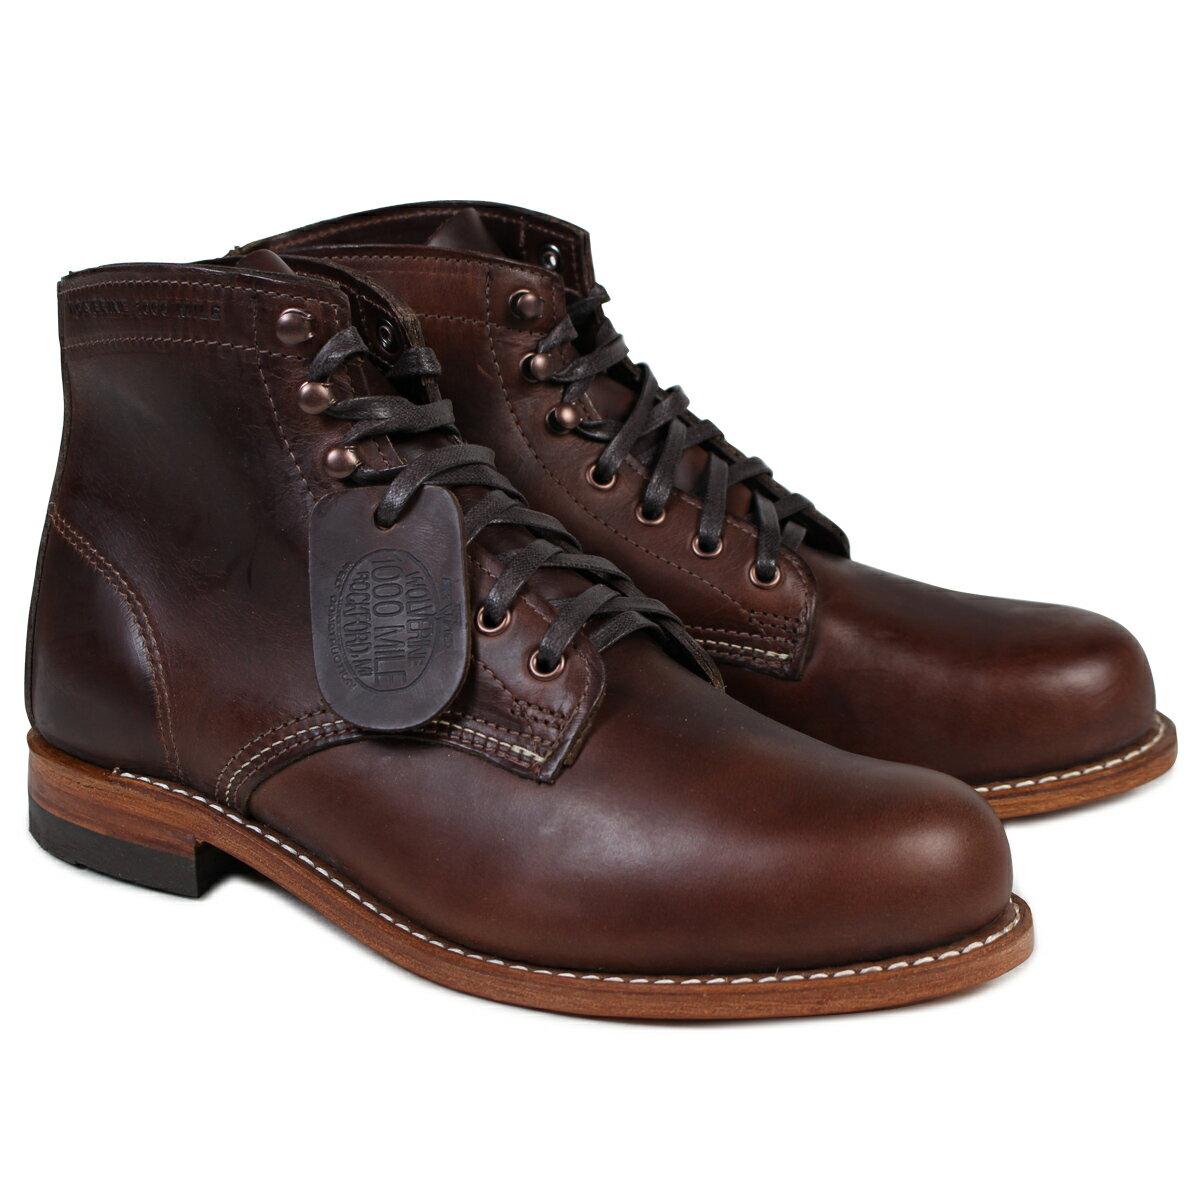 ウルヴァリン 1000マイル ブーツ WOLVERINE ブーツ 1000 MILE BOOT Dワイズ W05301 ブラウン ワークブーツ [9/27 追加入荷]